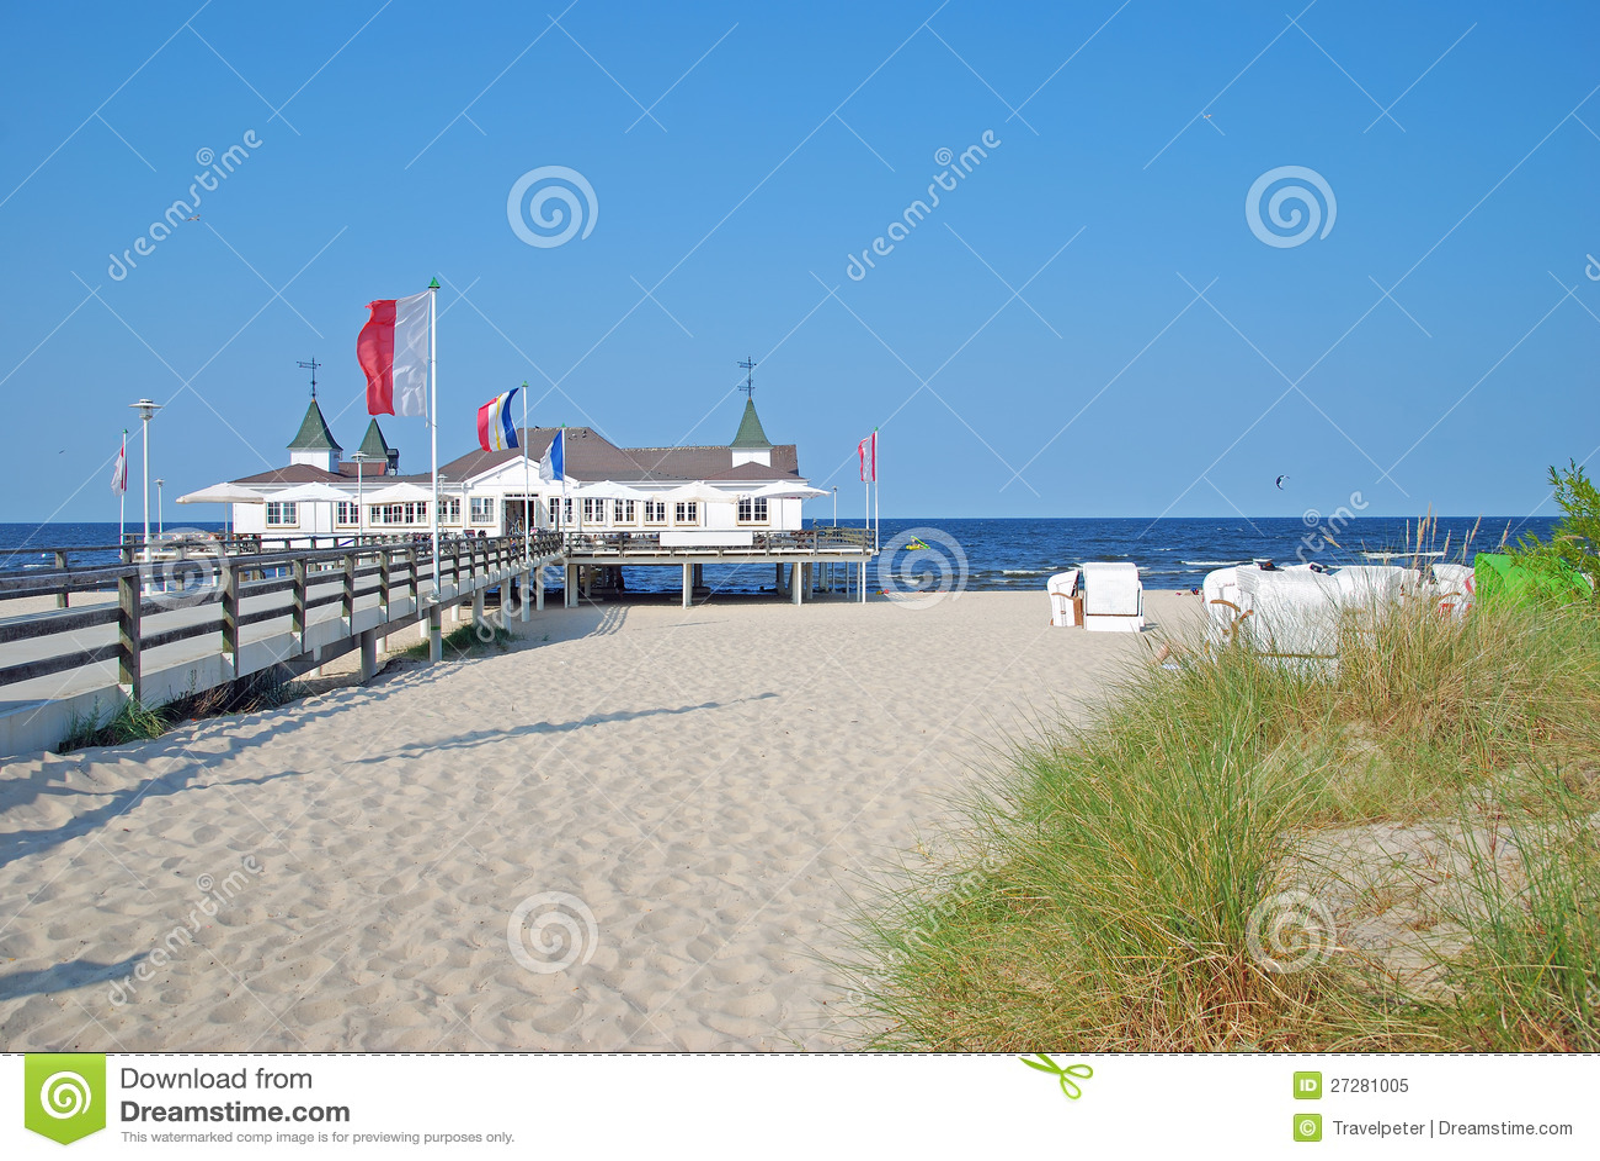 Ahlbeck, остров usedom, Балтийское море, Германия